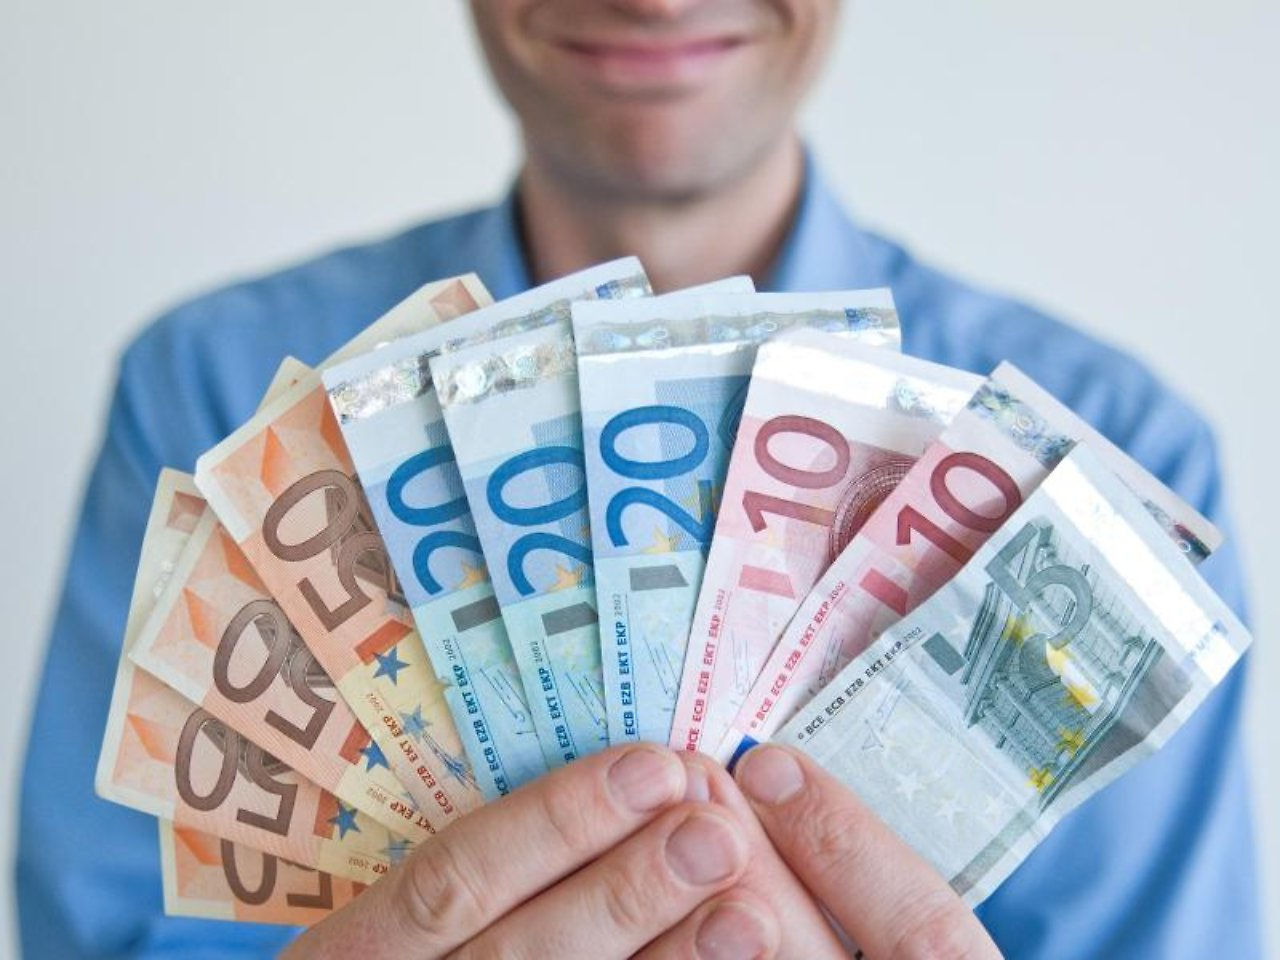 Деньги мотивируют человеческие поступки на бессознательном уровне